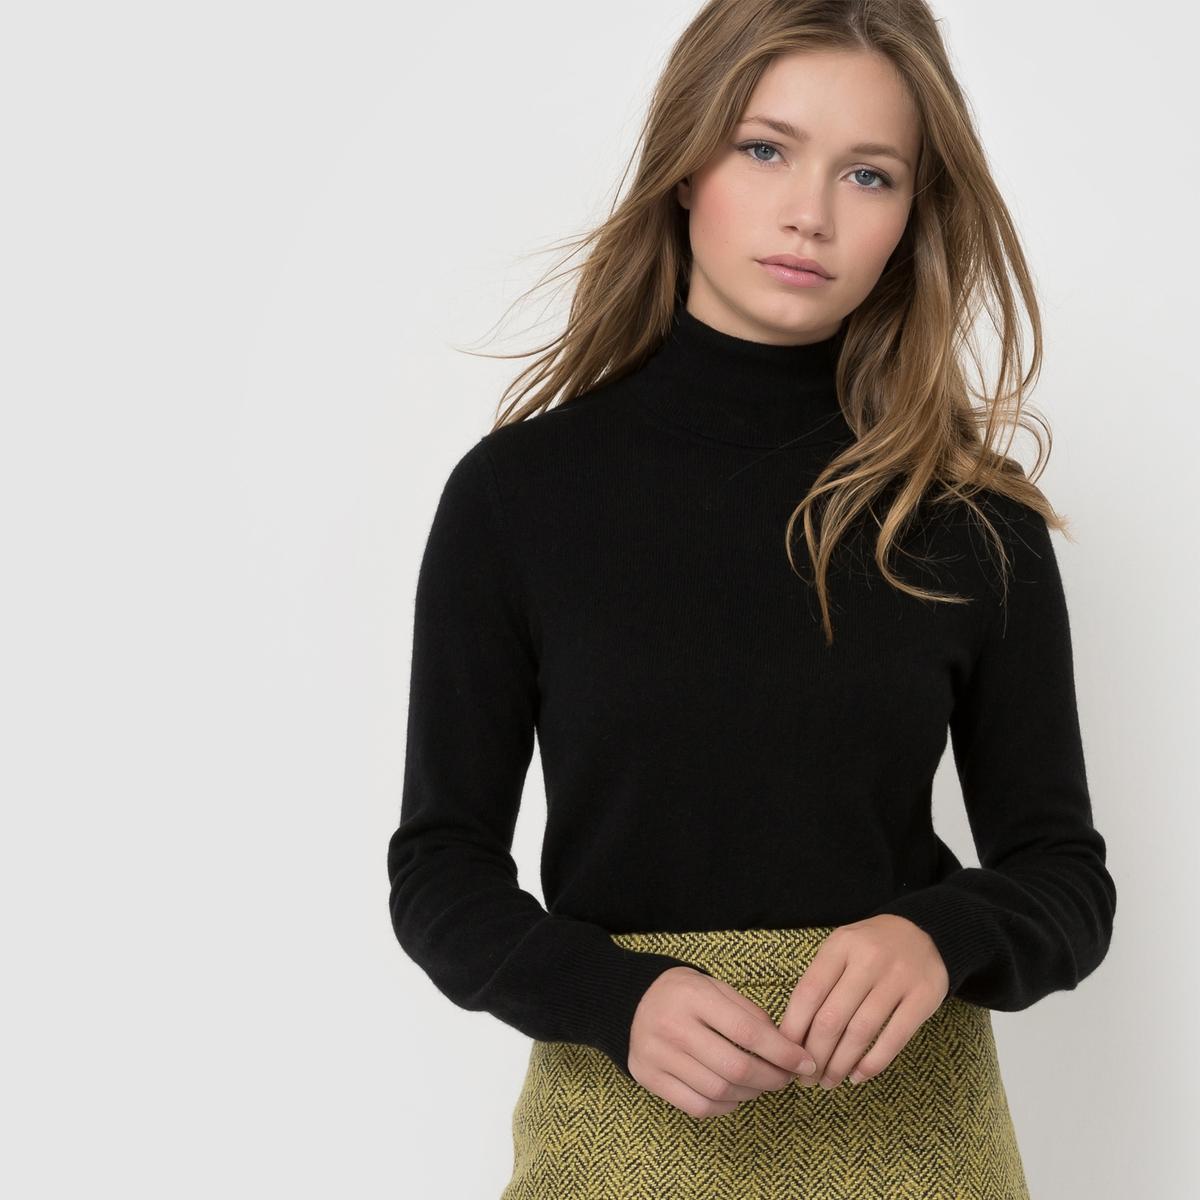 Пуловер с высоким воротником, 100% кашемираПуловер с высоким воротником и длинными рукавами. Края рукавов и низа связаны в рубчик. Джерси, 100% кашемира. Длина 64 см.<br><br>Цвет: серый меланж,темно-синий,черный<br>Размер: 42/44 (FR) - 48/50 (RUS).42/44 (FR) - 48/50 (RUS).46/48 (FR) - 52/54 (RUS).34/36 (FR) - 40/42 (RUS).42/44 (FR) - 48/50 (RUS).50/52 (FR) - 56/58 (RUS).38/40 (FR) - 44/46 (RUS).46/48 (FR) - 52/54 (RUS)